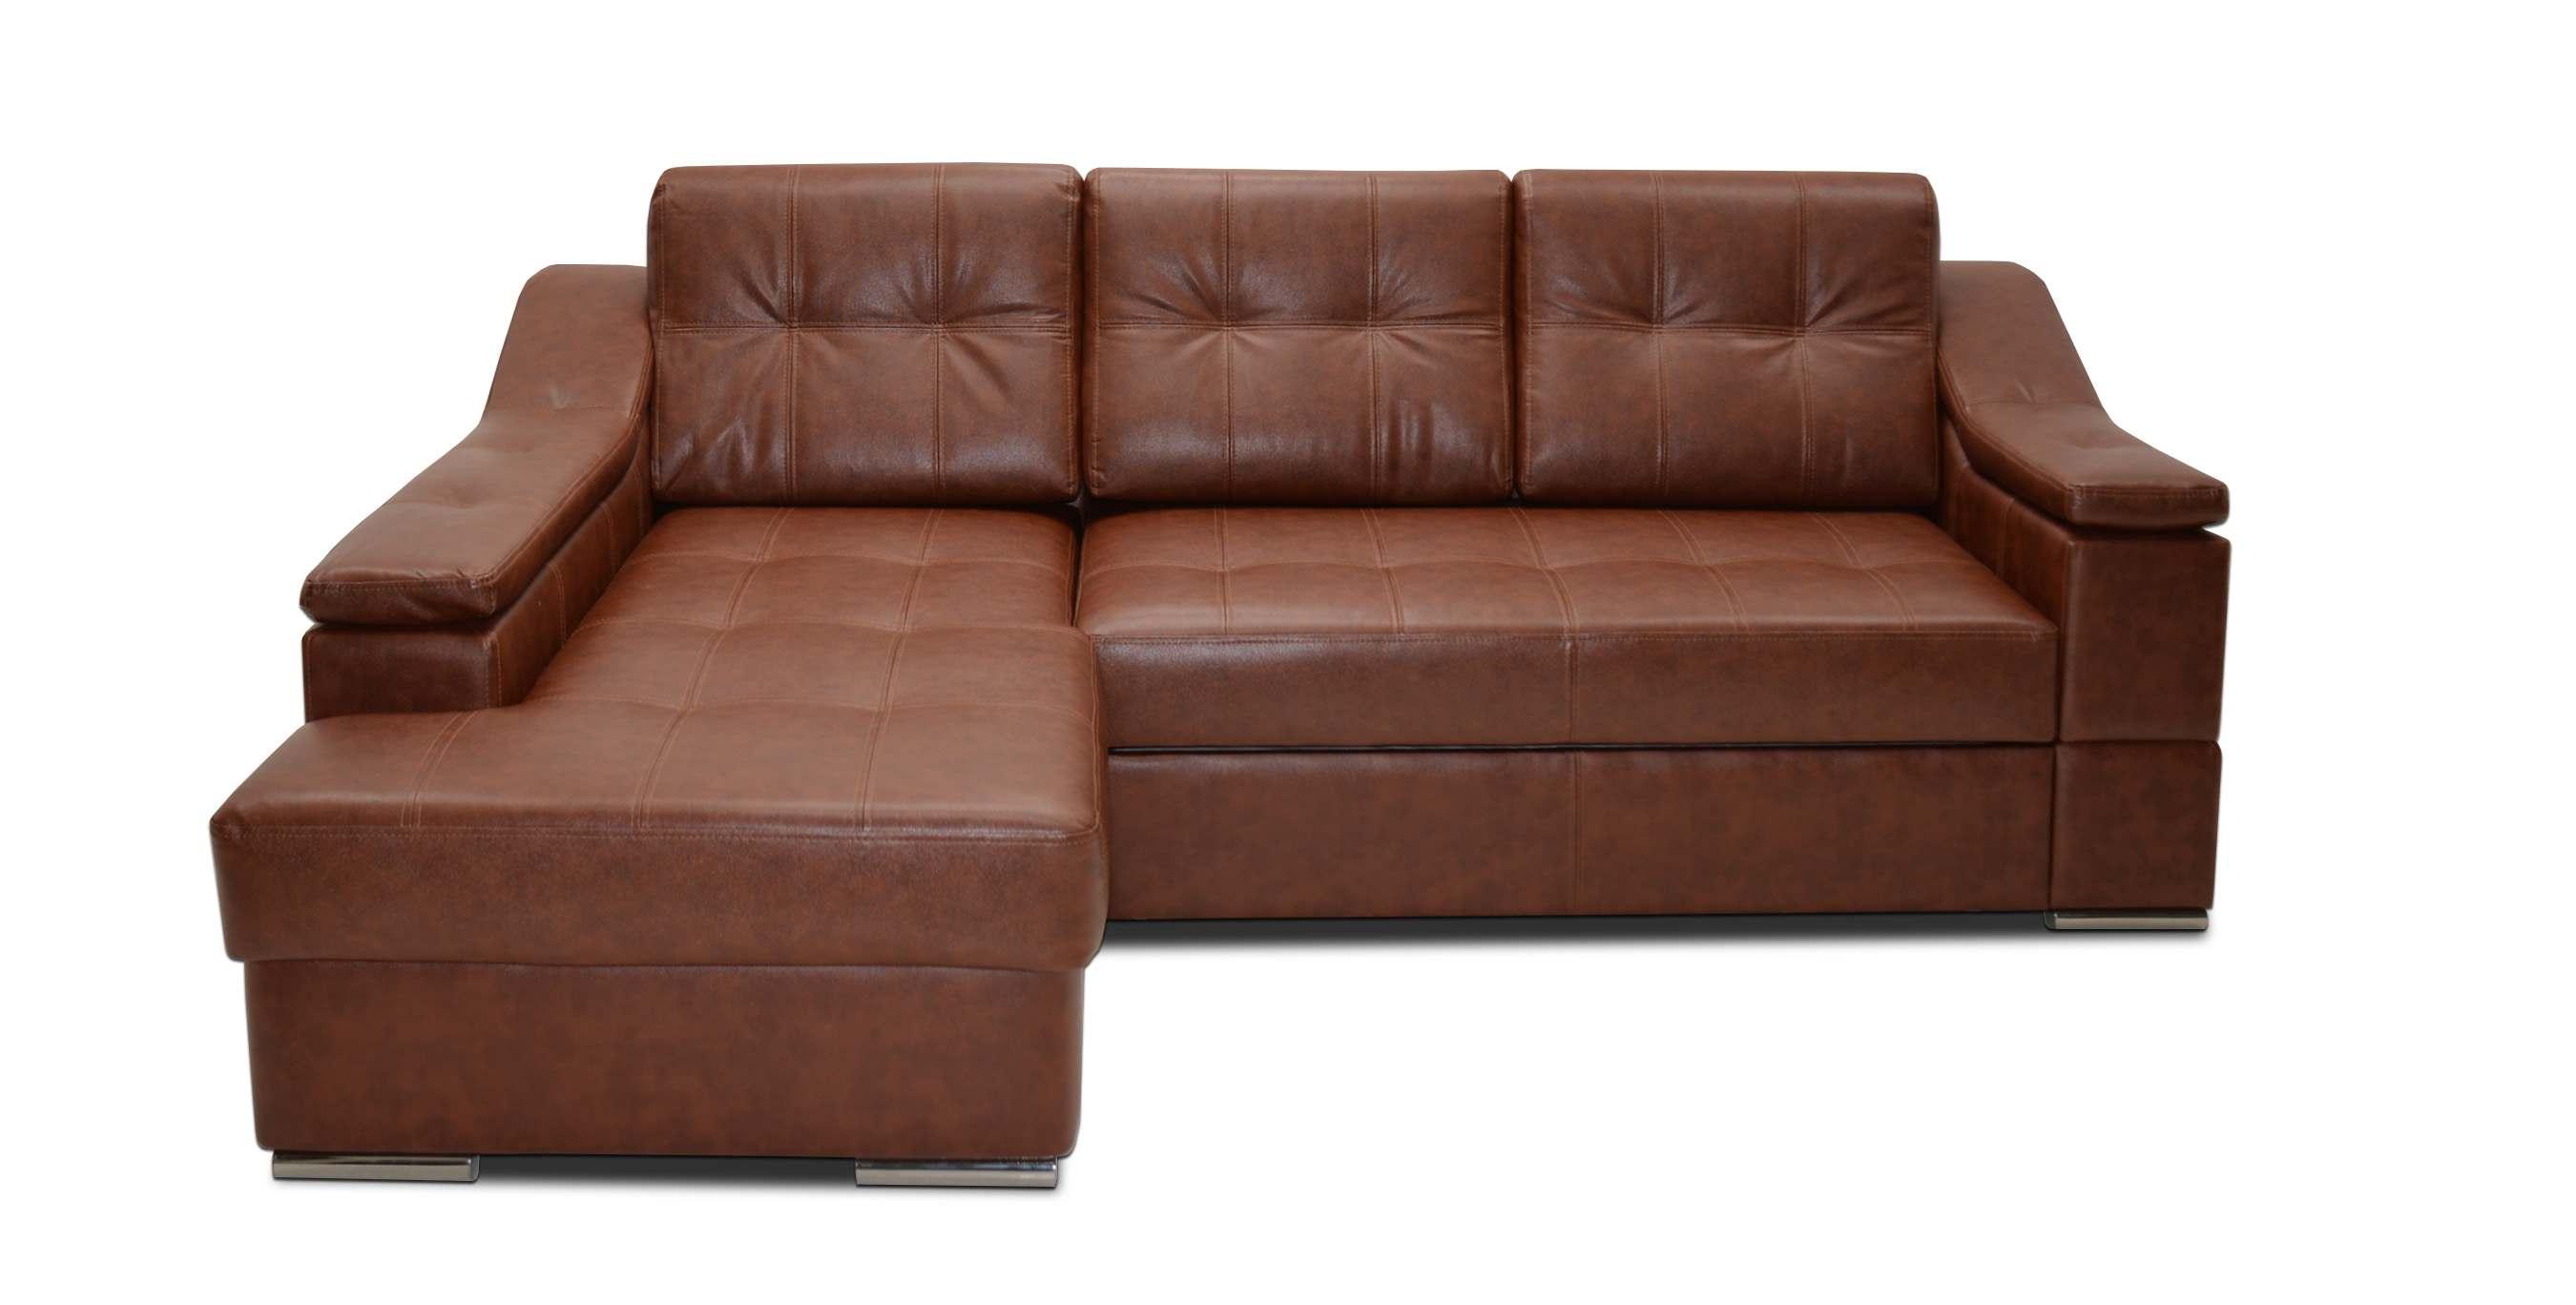 честер диван угловой кожаный коричневый материал обивки кожа